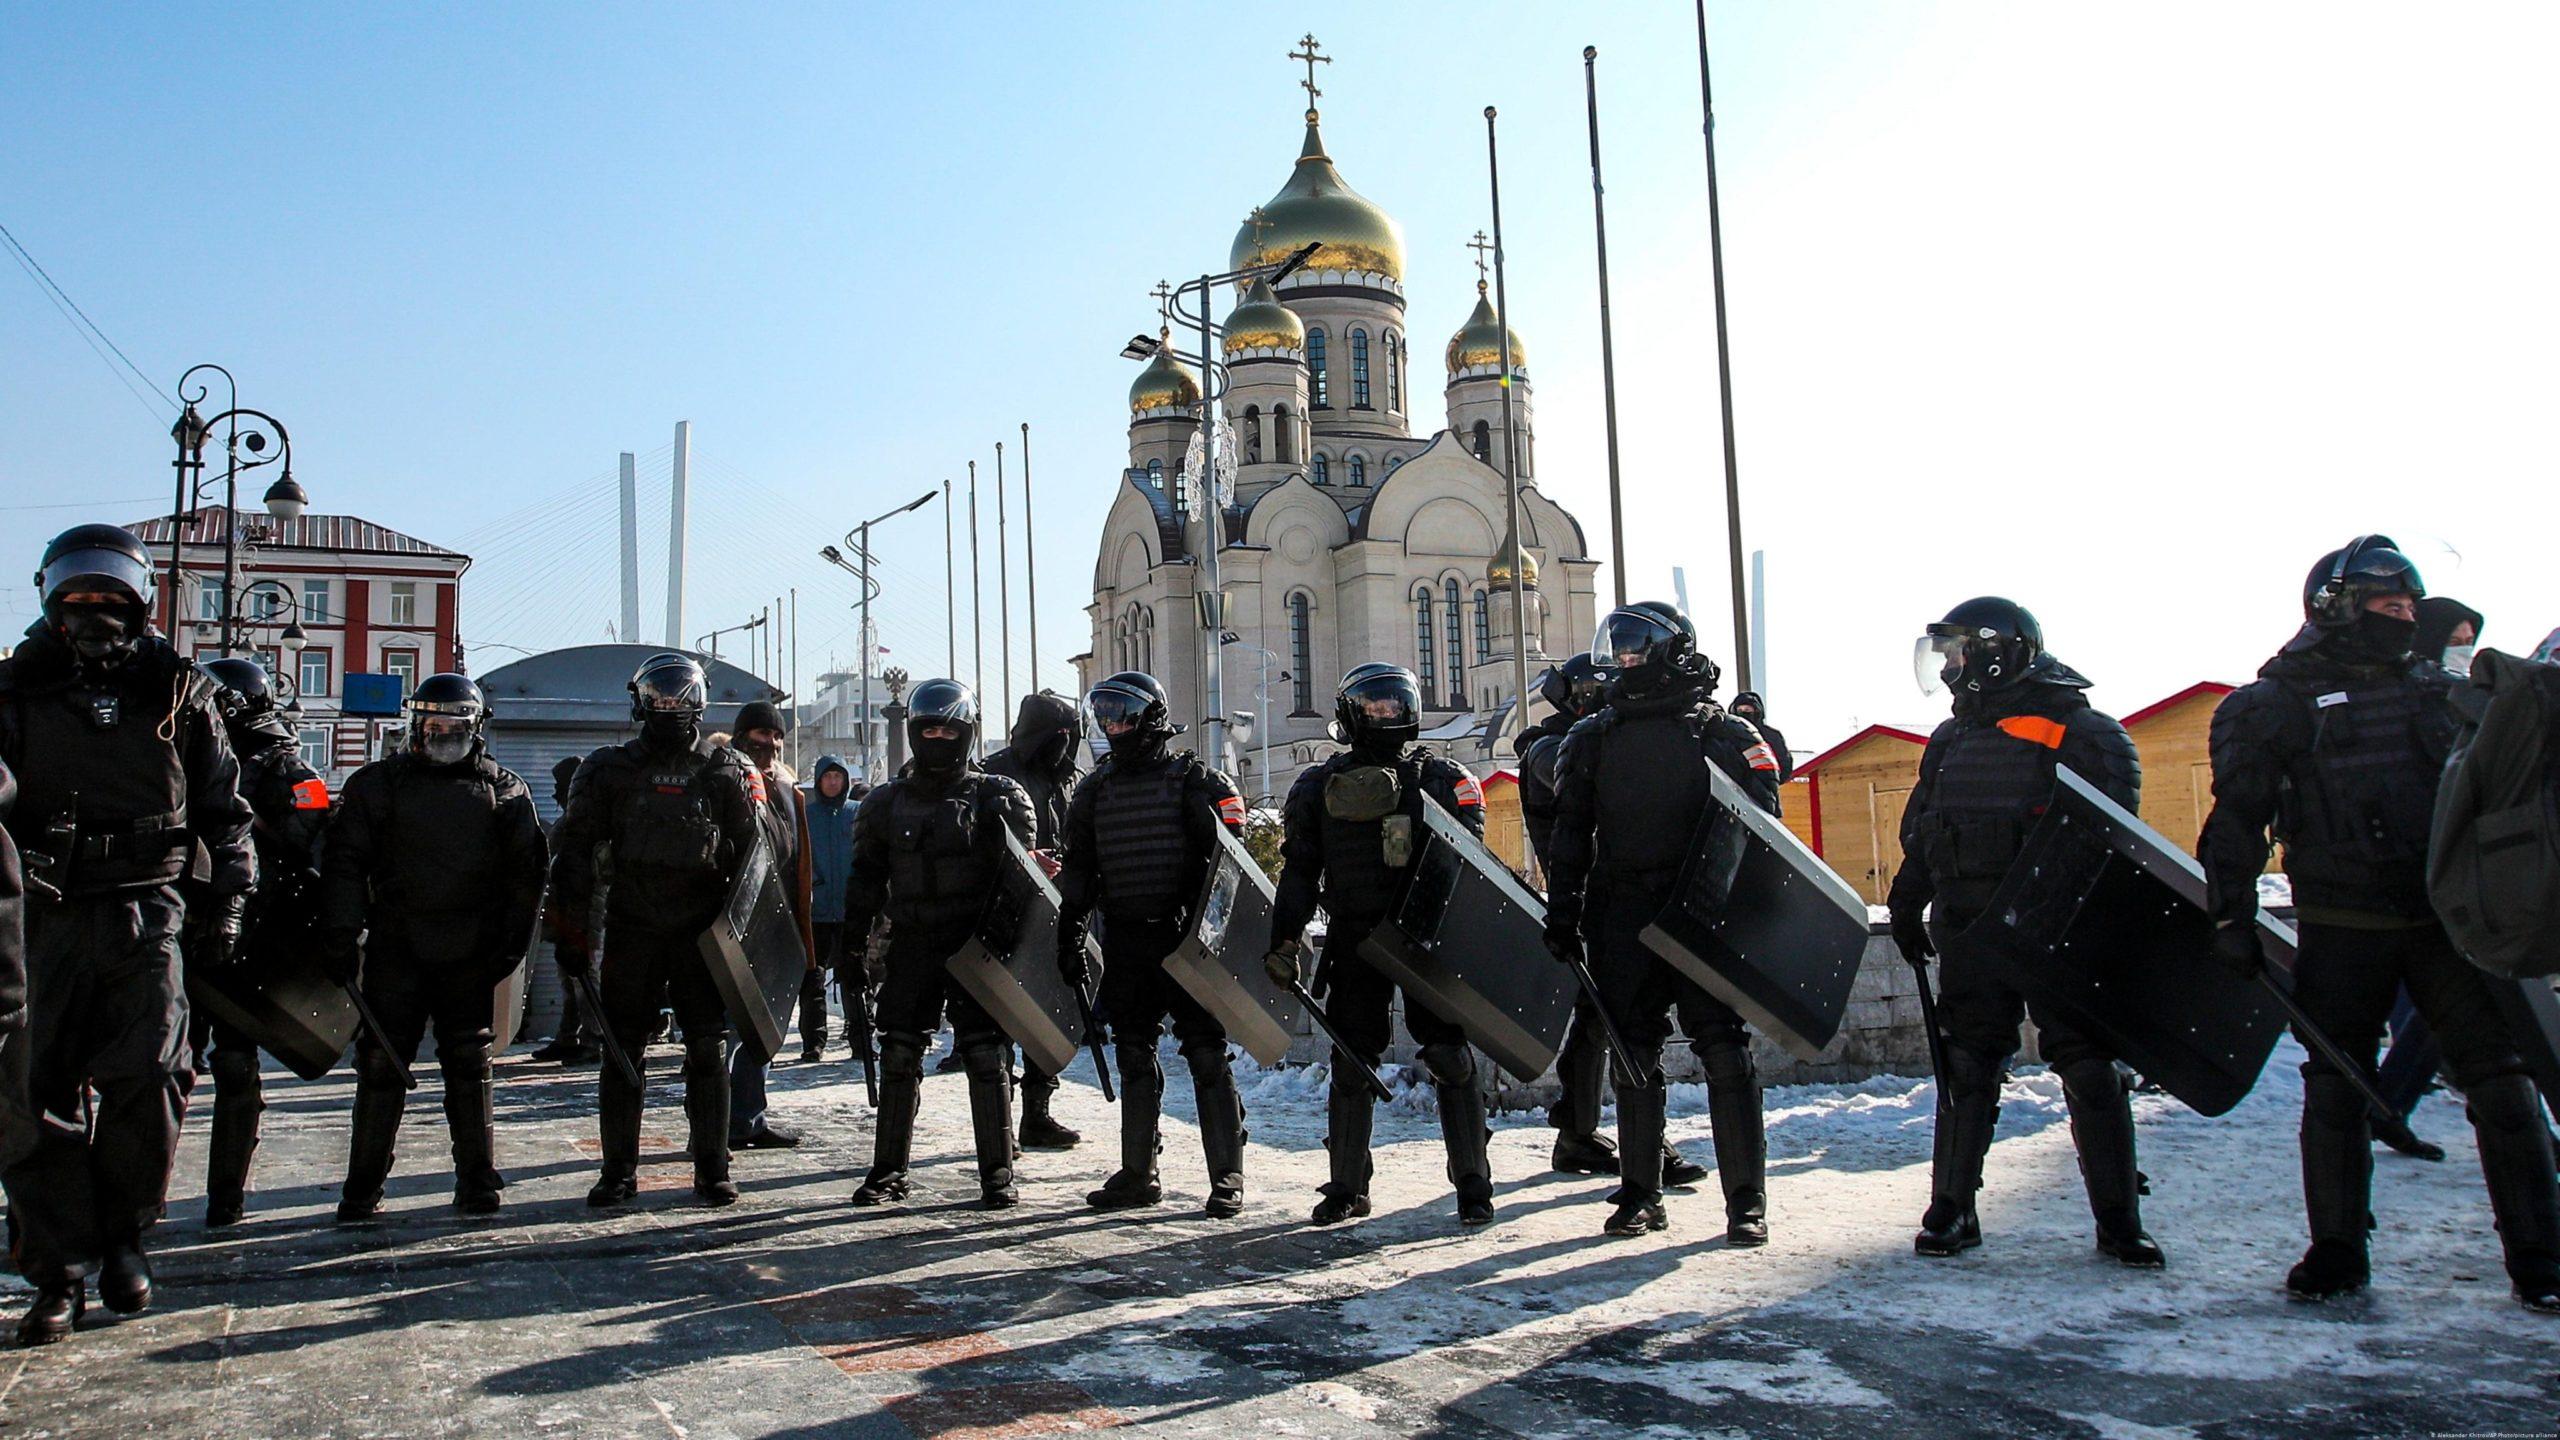 В России продолжаются митинги в поддержку Навального. Фото сегодняшних протестов